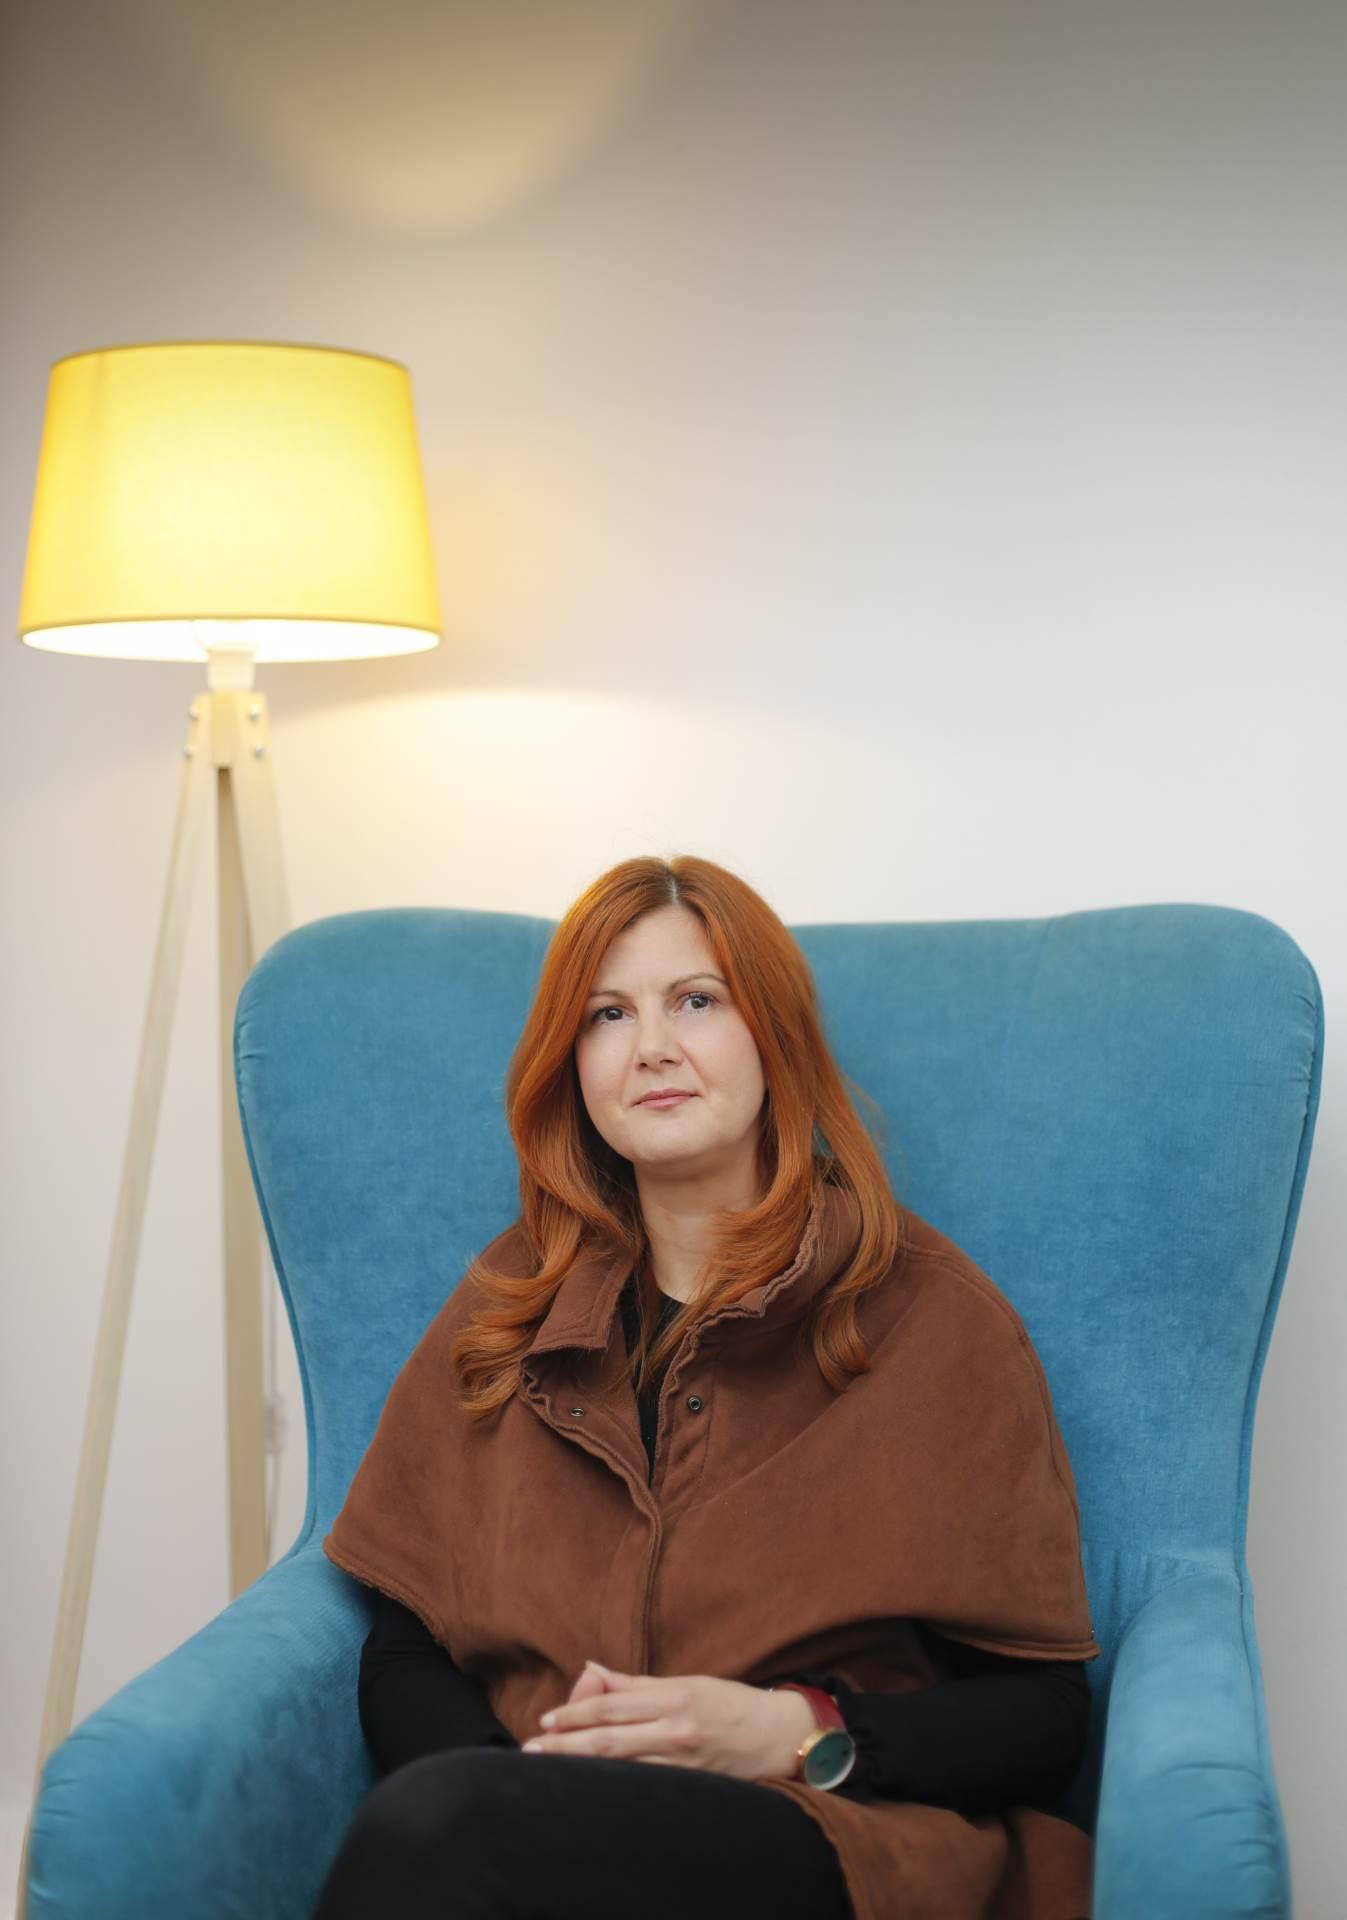 Tanja Stupar Trifunović